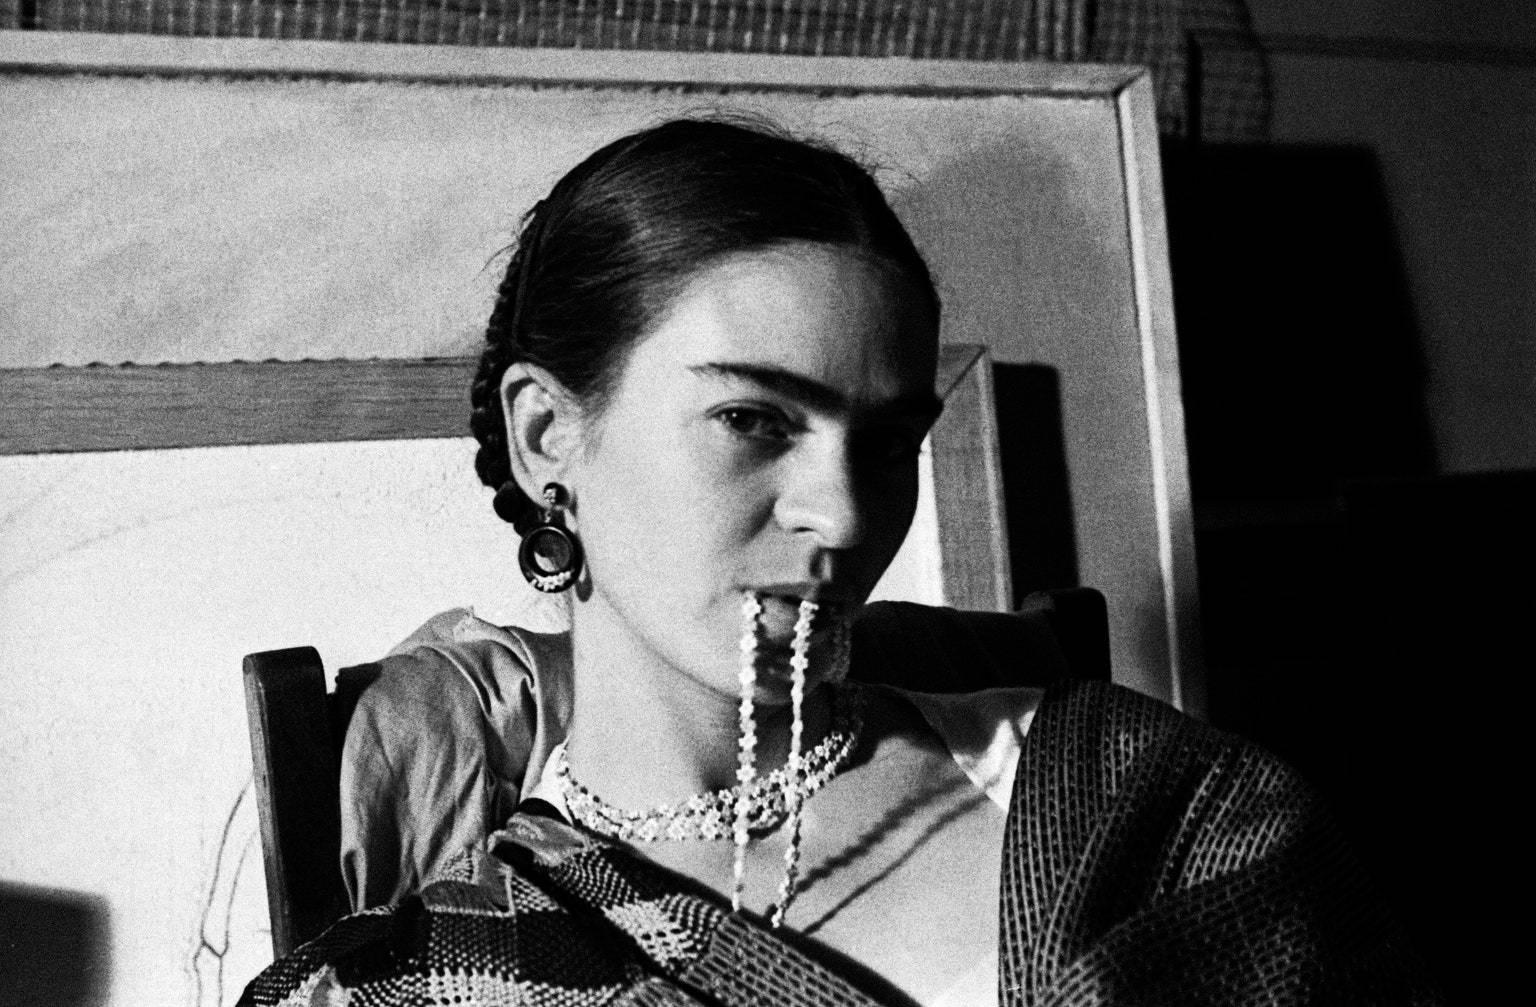 La galerie de l'Instant expose (gratuitement) des portraits rares de Frida Kahlo